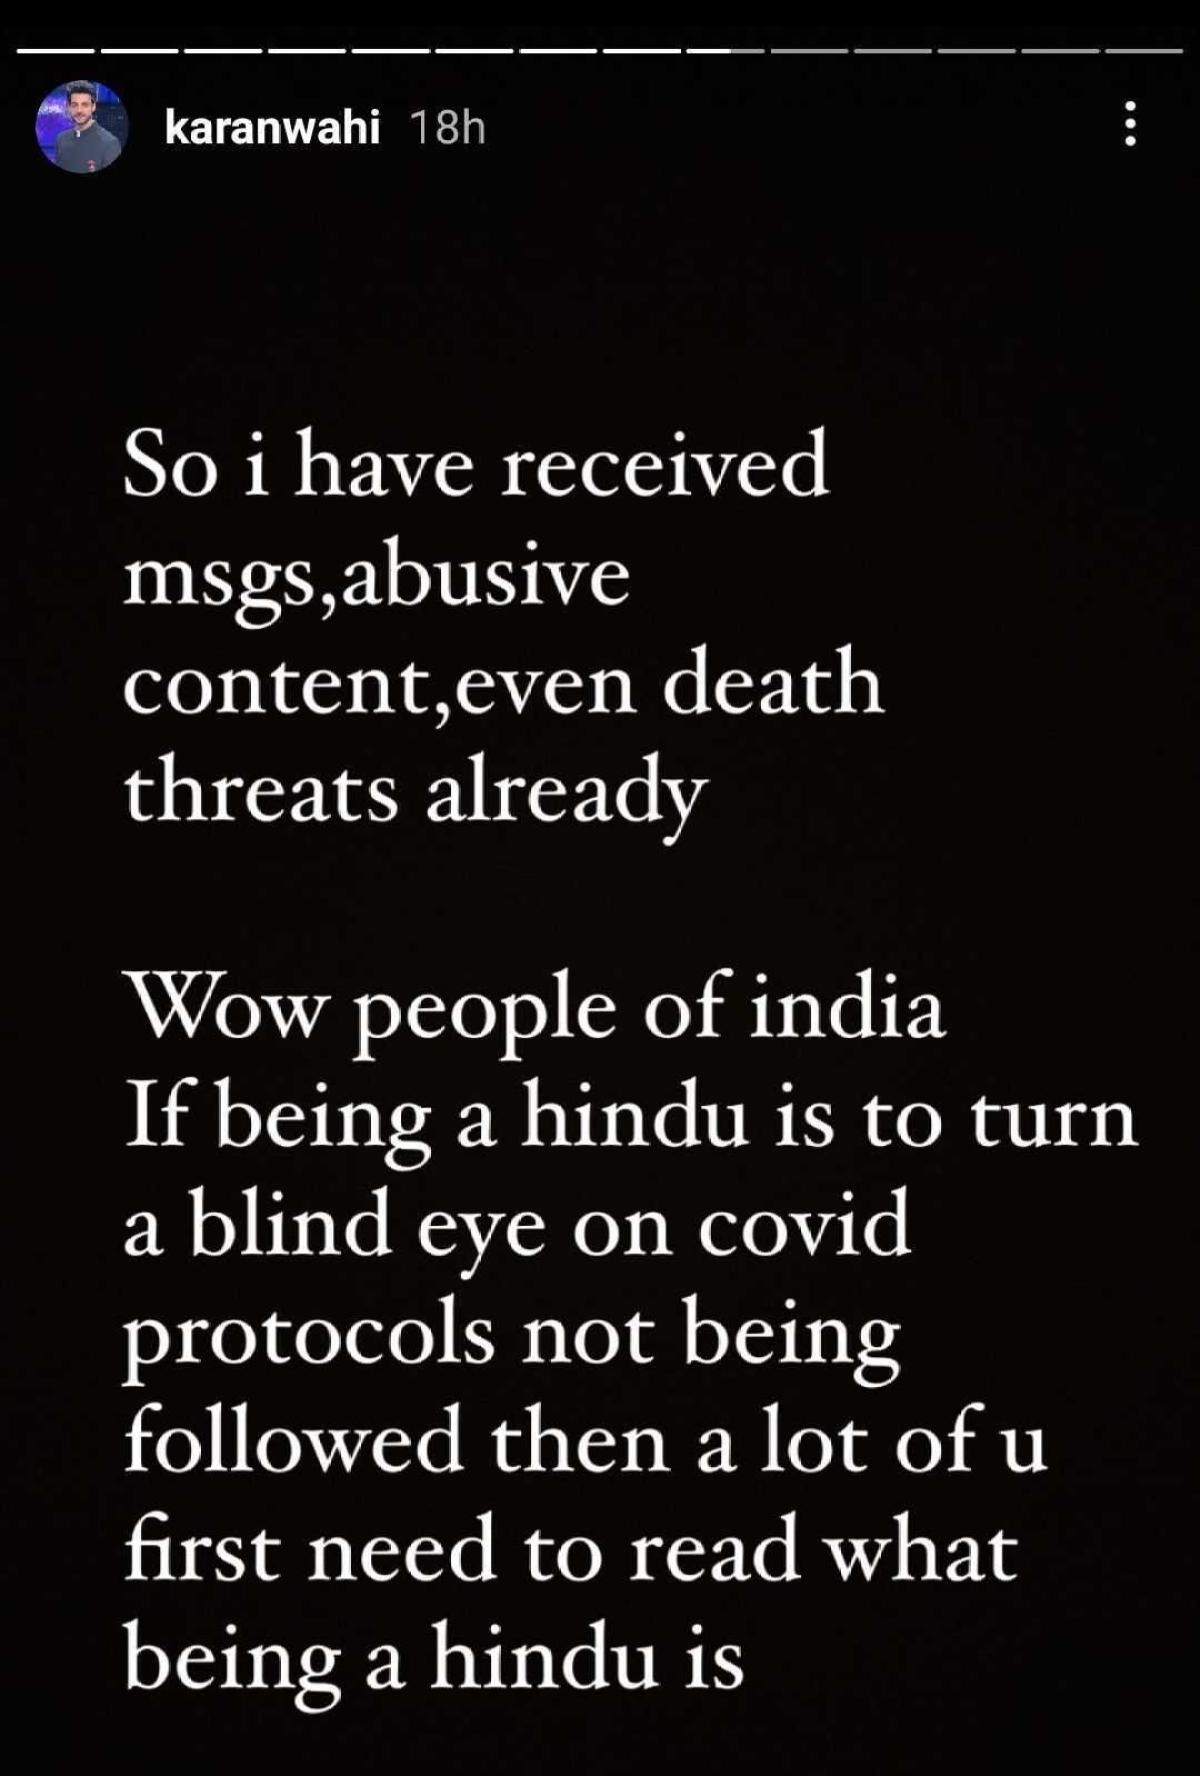 Karan Wahi receives death threats for post on Naga Babas at Kumbh Mela amid COVID-19 crisis